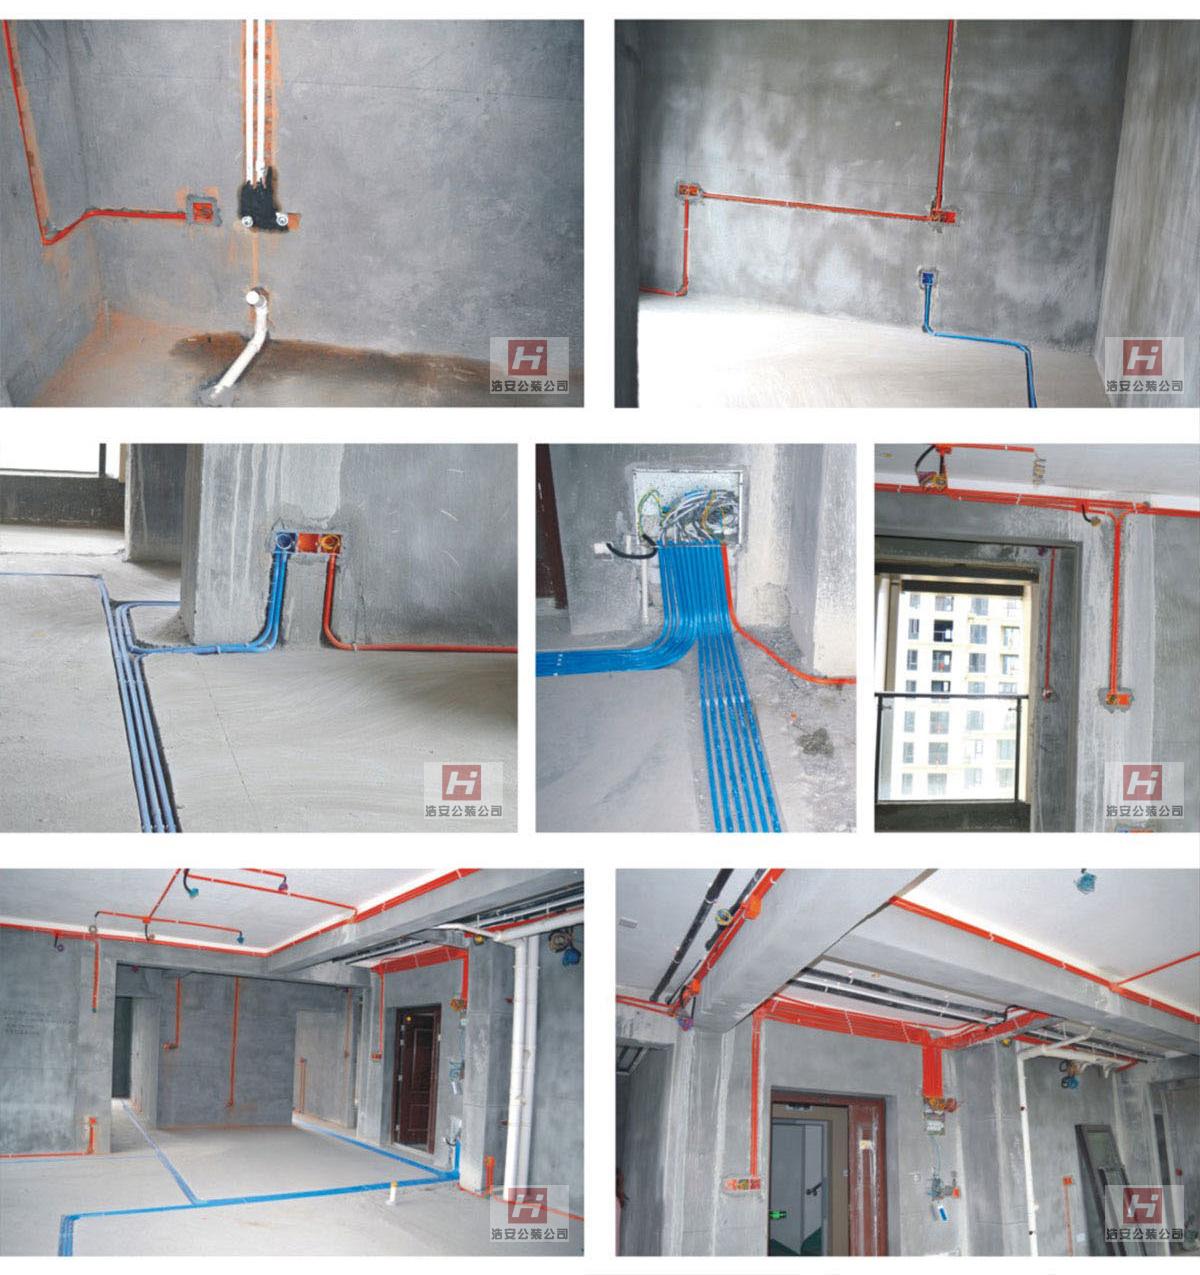 湖南浩安公装公司长沙办公室装修隐蔽施工工艺标准